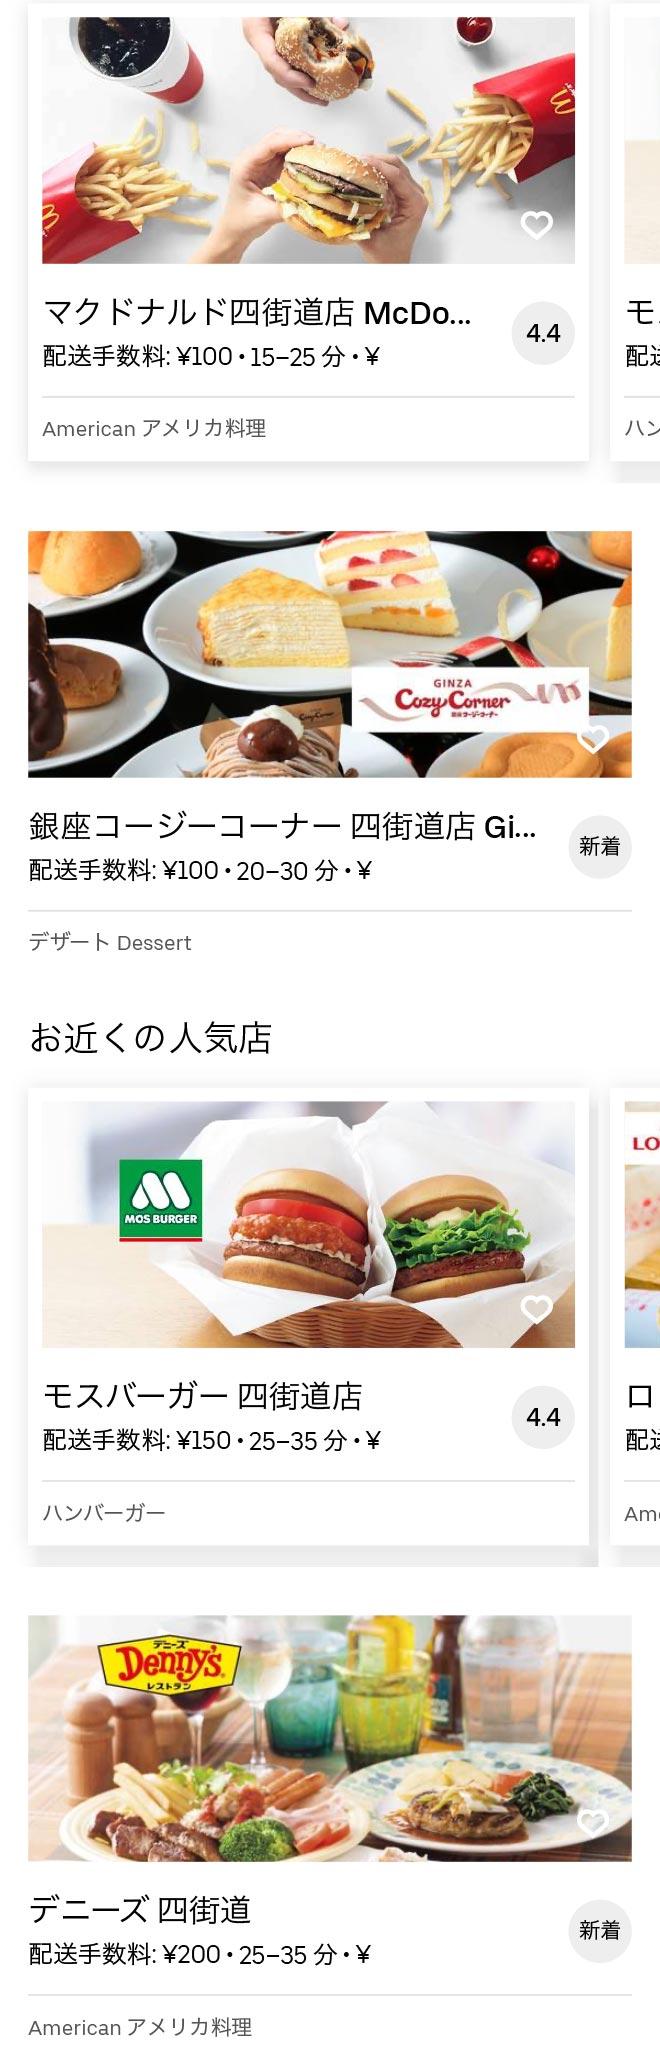 Yotsukaido menu 2008 01